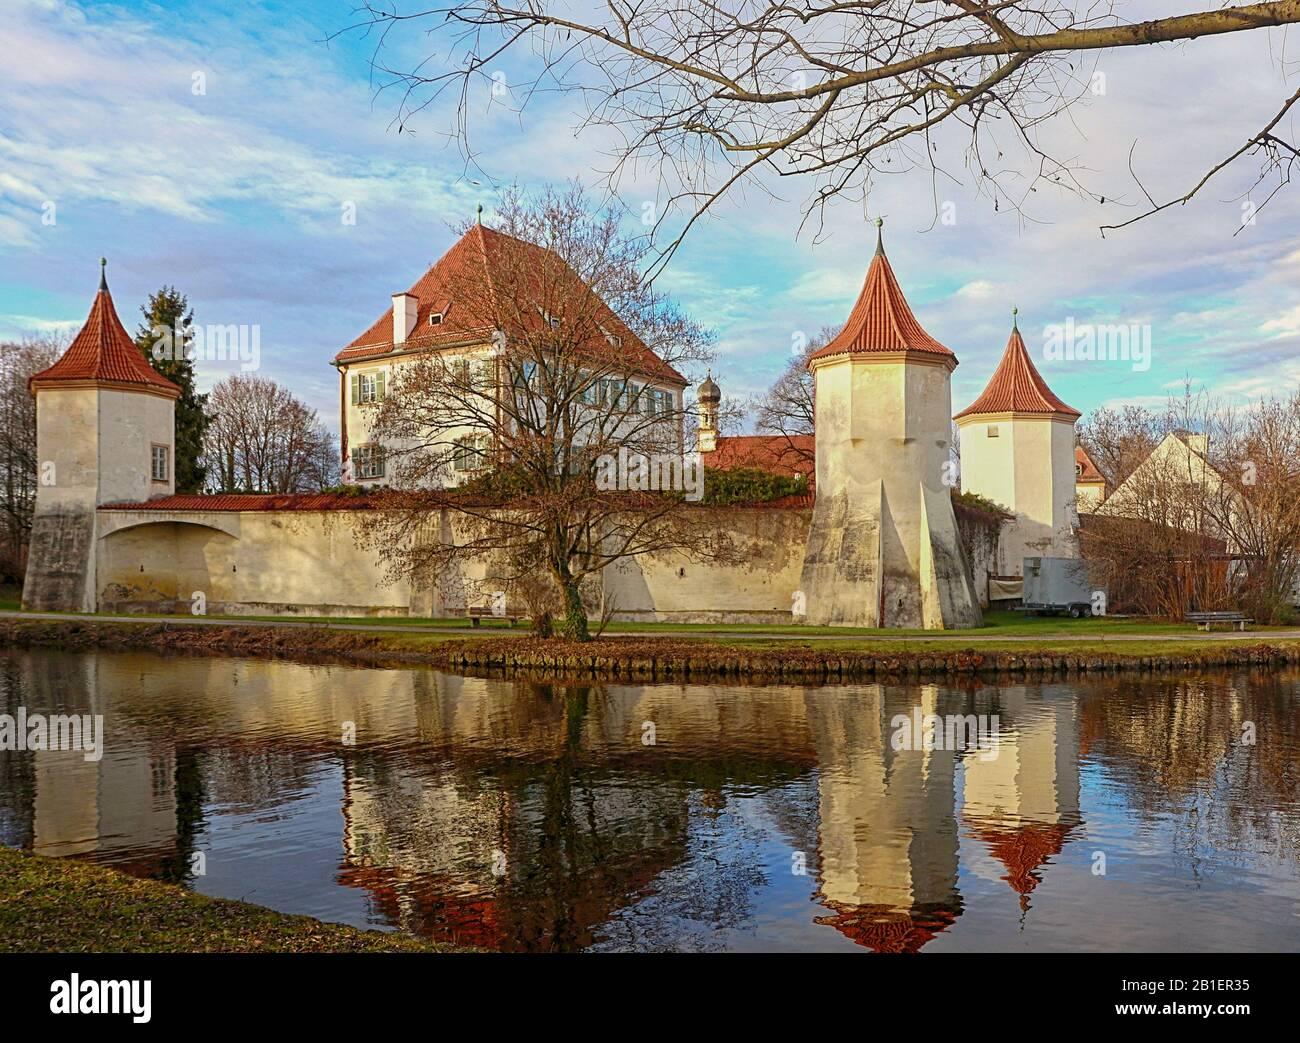 Múnich, castillo de Blutenburg a orillas del río Wuerm, pabellón de caza del Duque de Baviera construido en el año 1439 Foto de stock